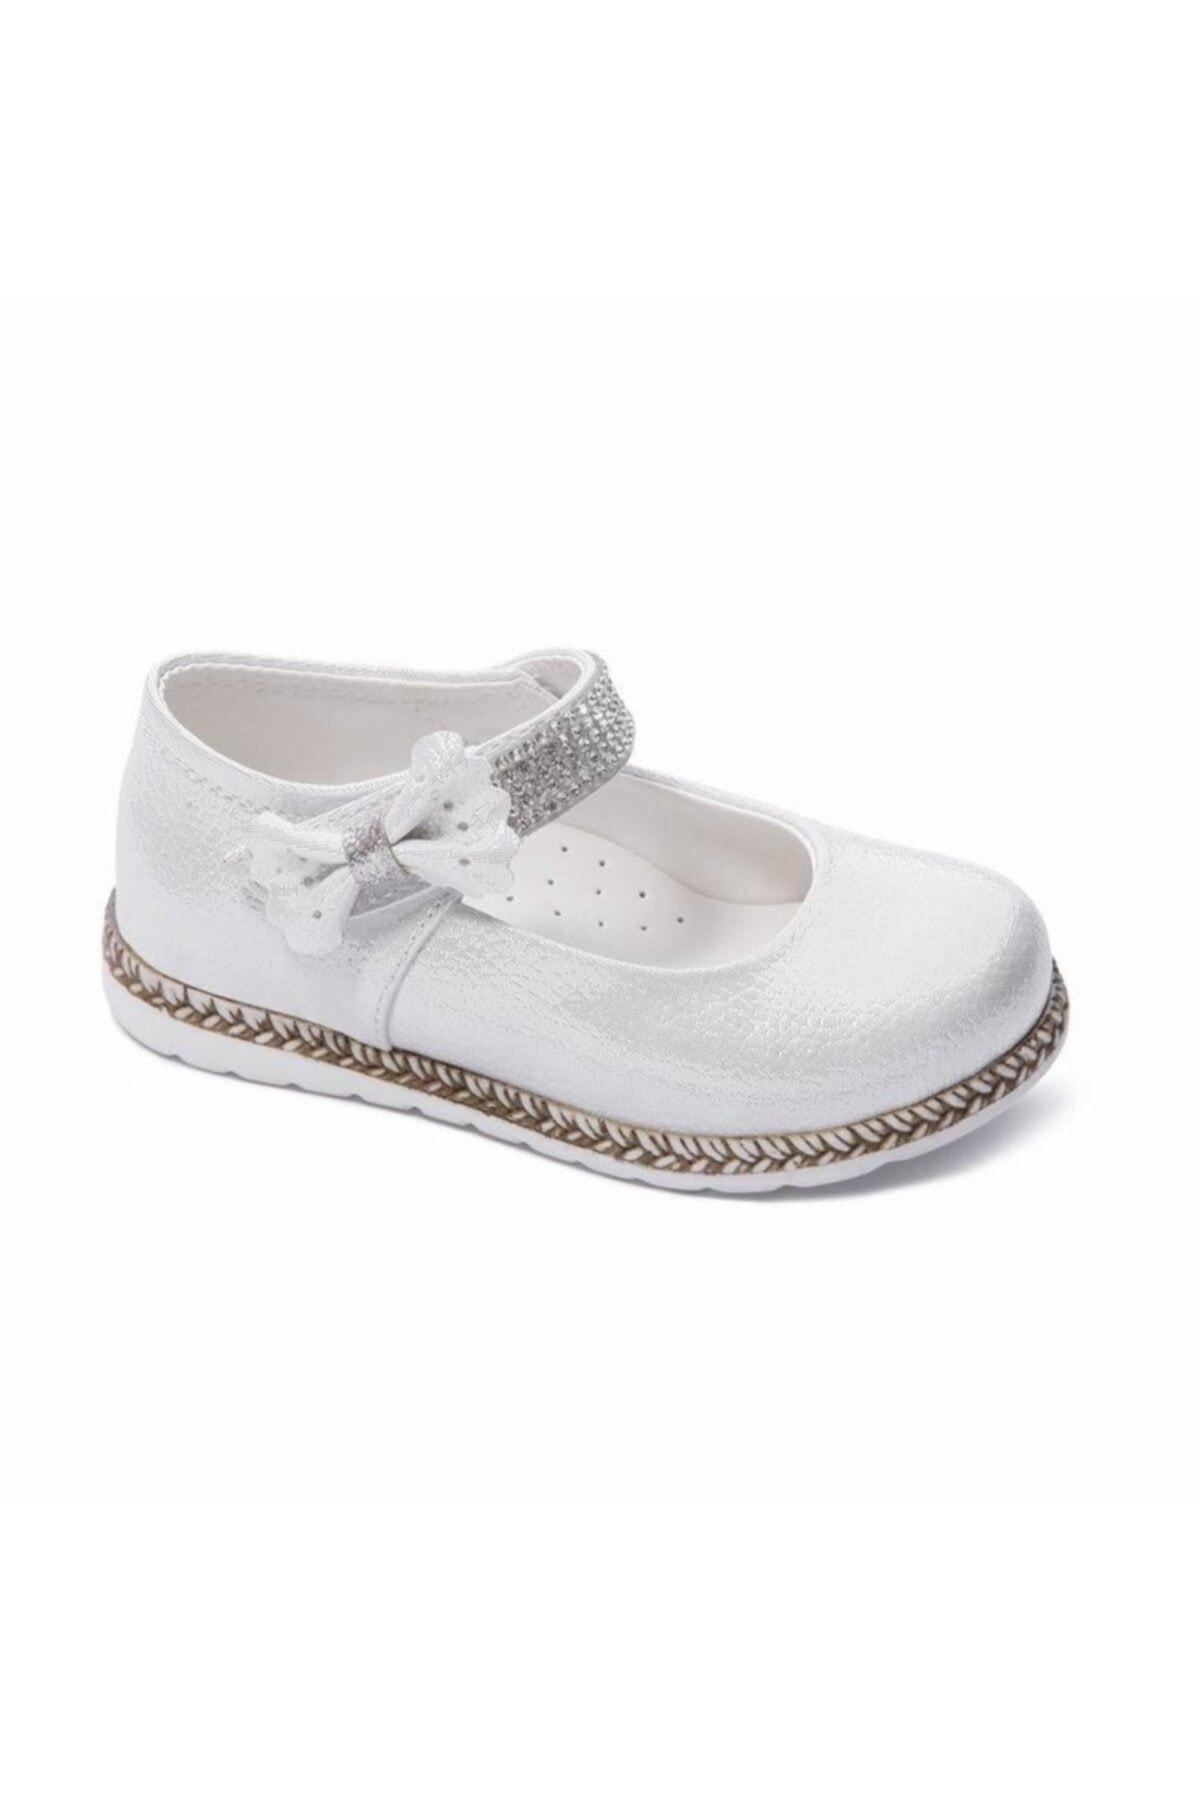 کفش تخت نوزاد دختر شیک مجلسی برند Sanbe رنگ نقره کد ty98836381